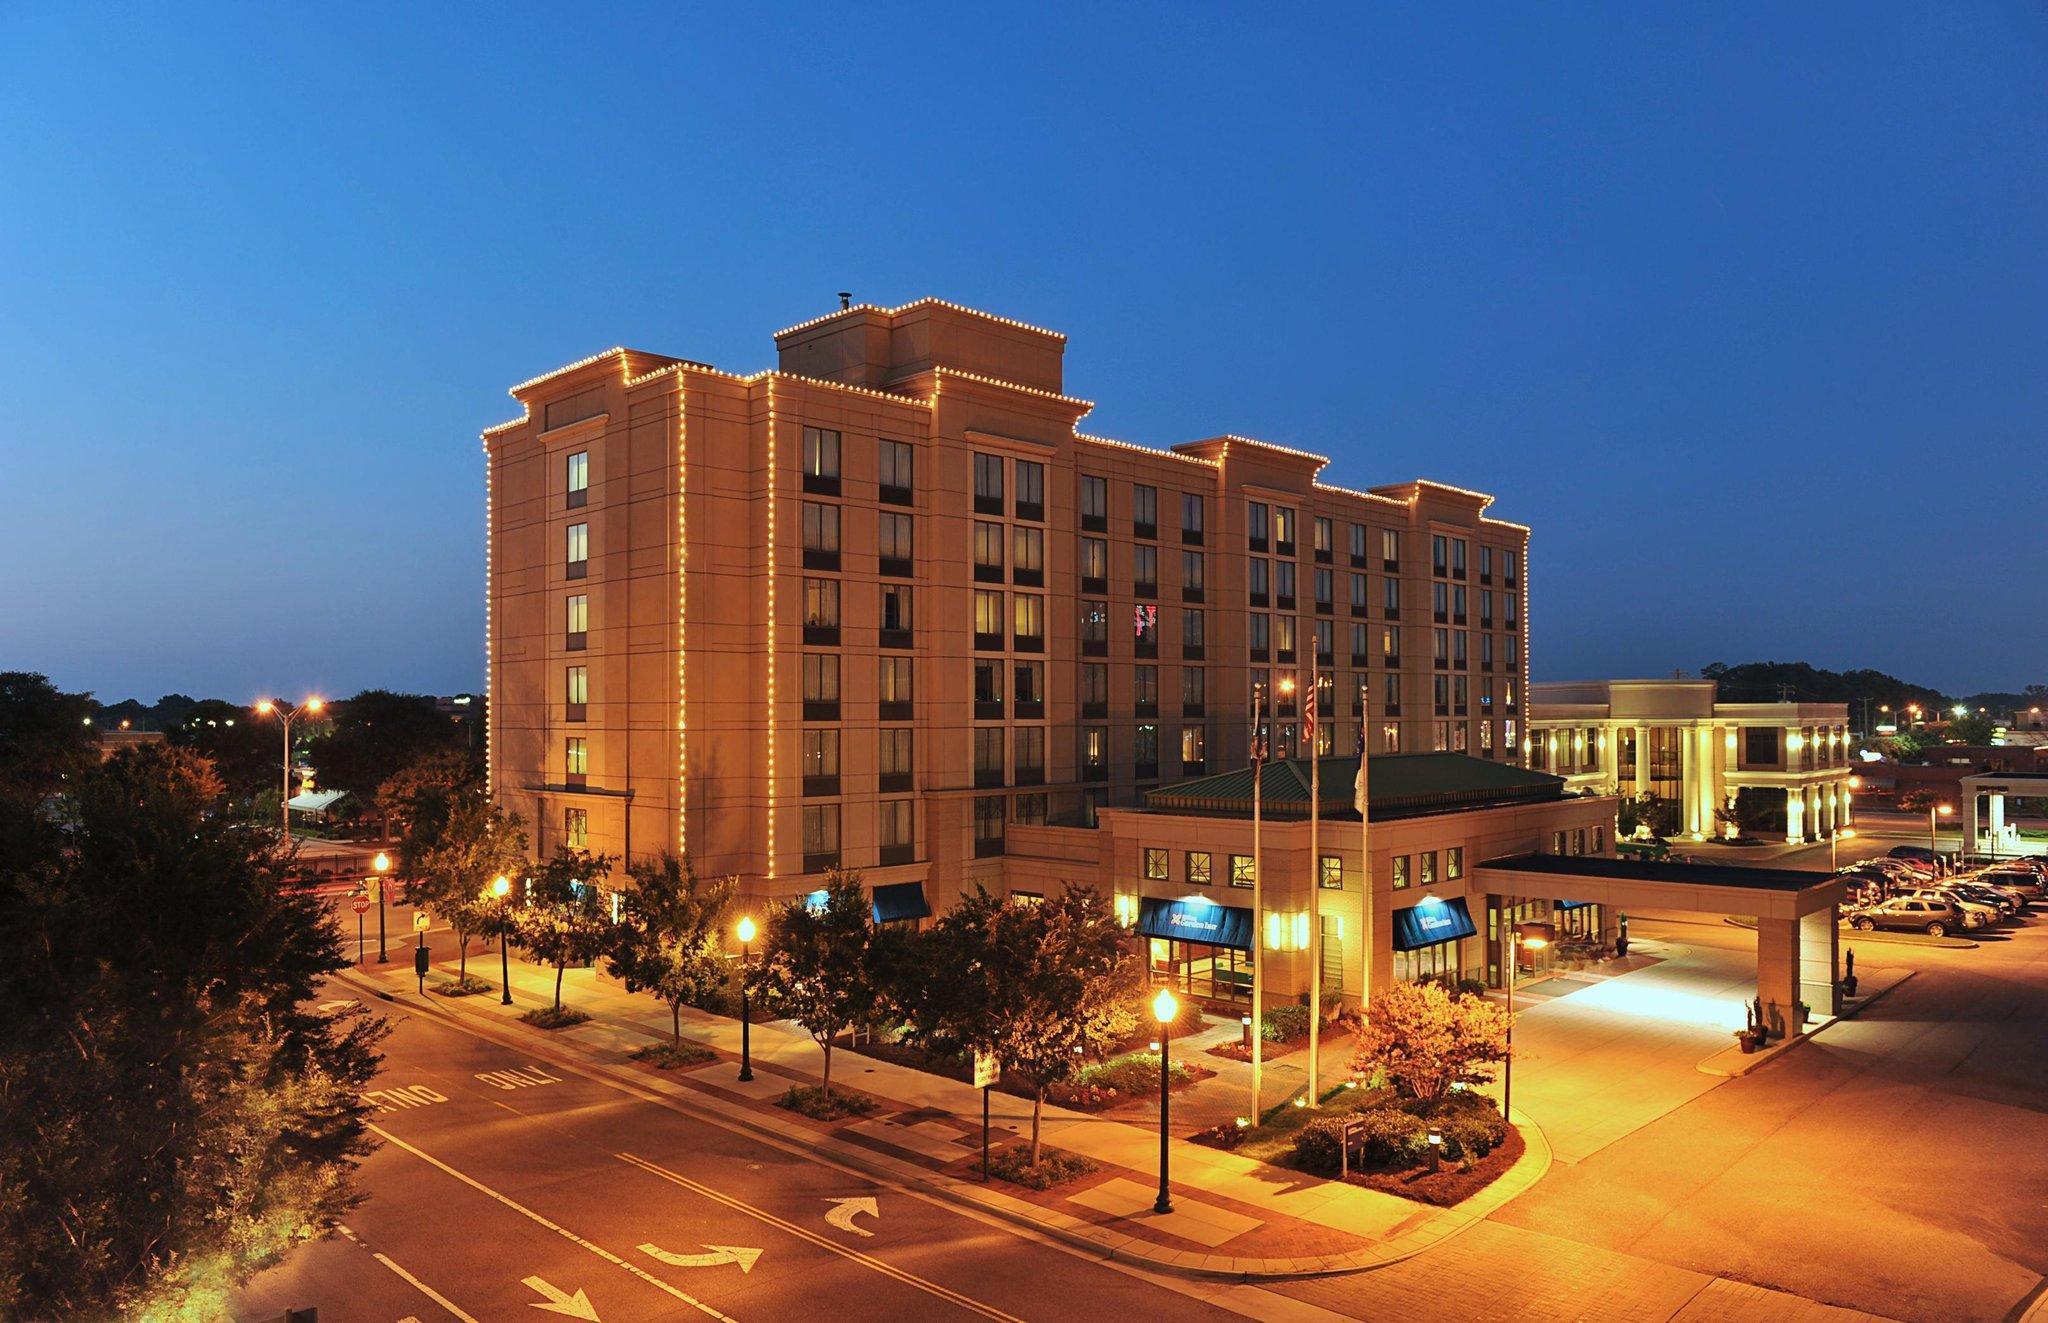 Hilton Garden Inn Virginia Beach Town Center Hotel